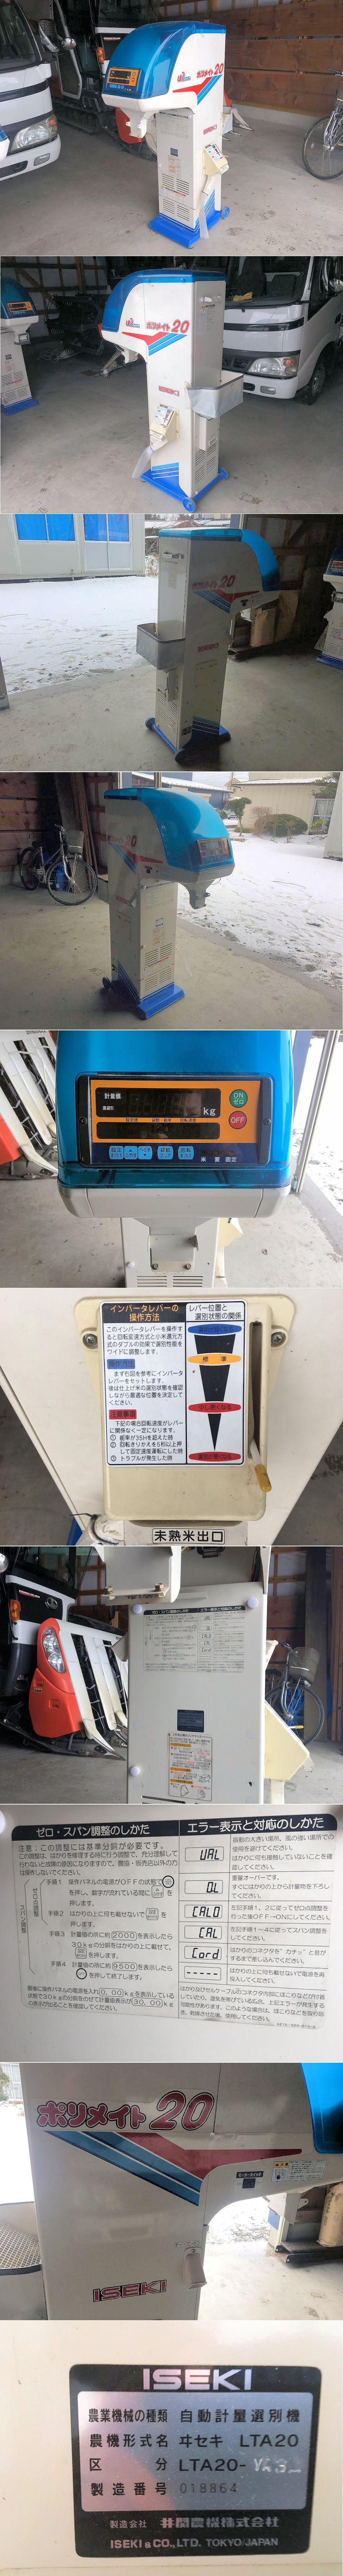 イセキ ポリメイト20 LTA20 自動計量選別機 インバーター 計りや網等の付属品 全セット 実働品 美品中古